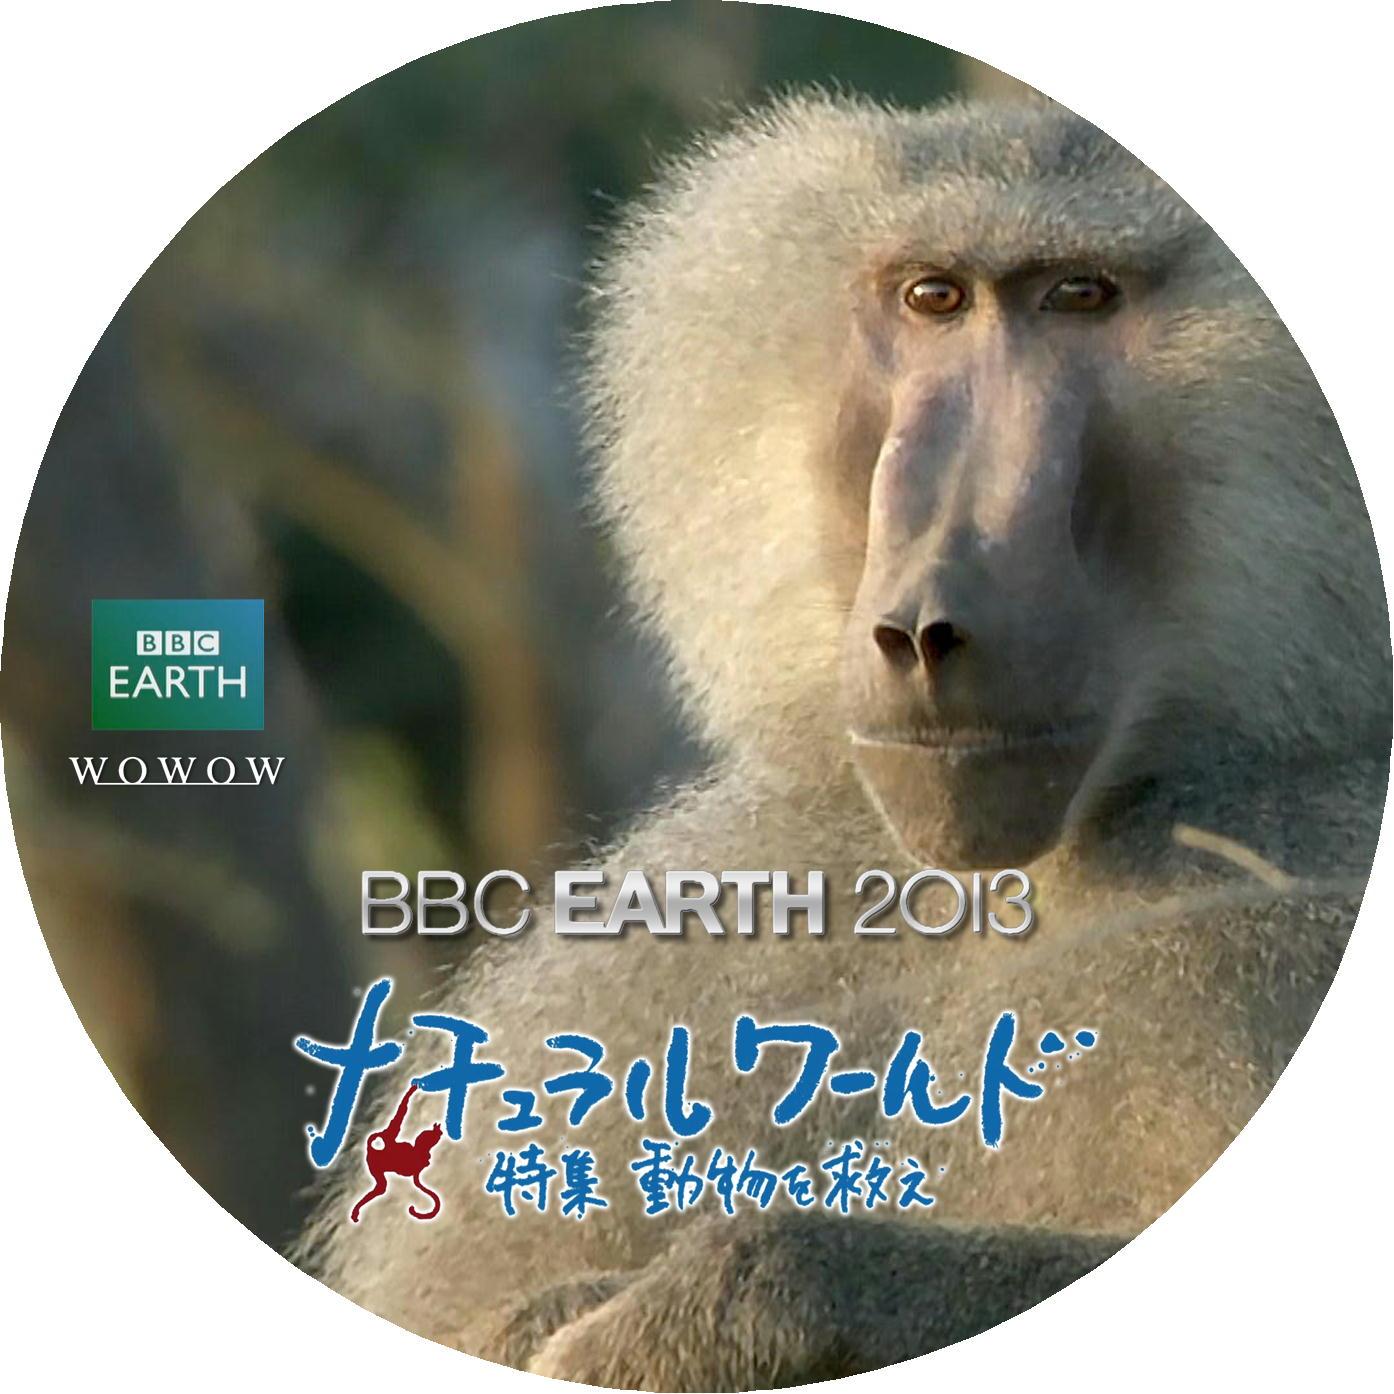 マントヒヒ DVDラベル